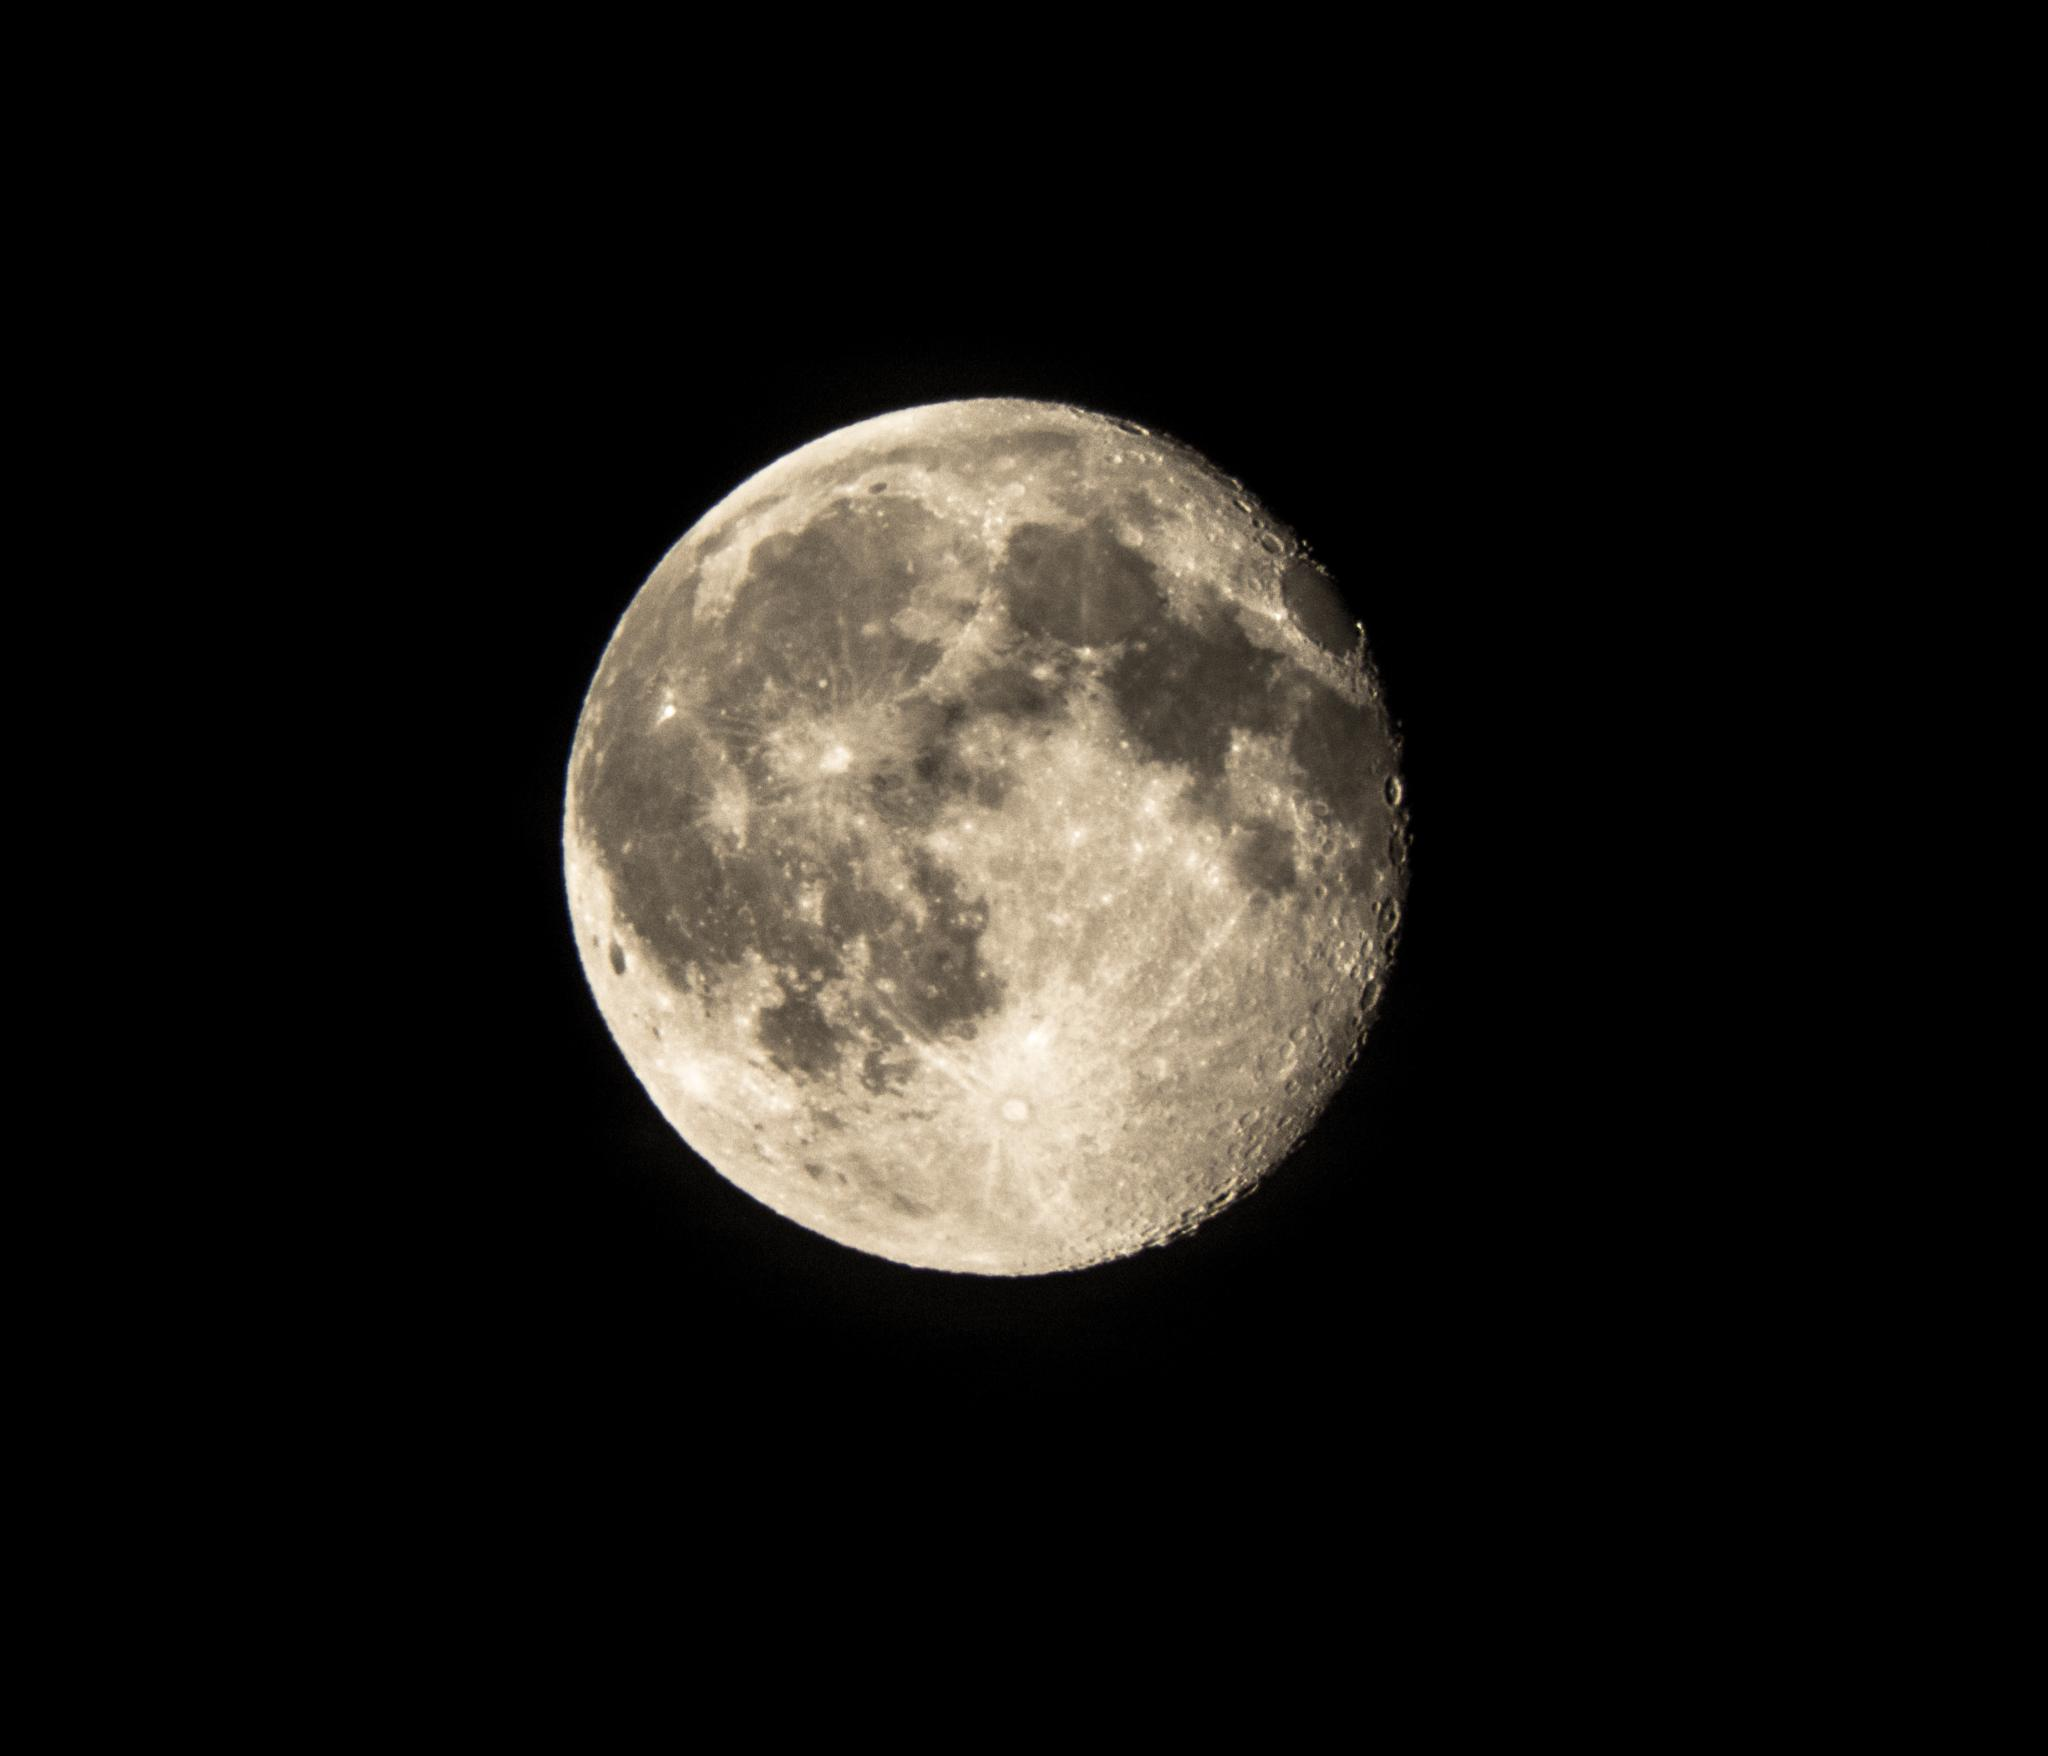 Full moon by marton.zoltan.96